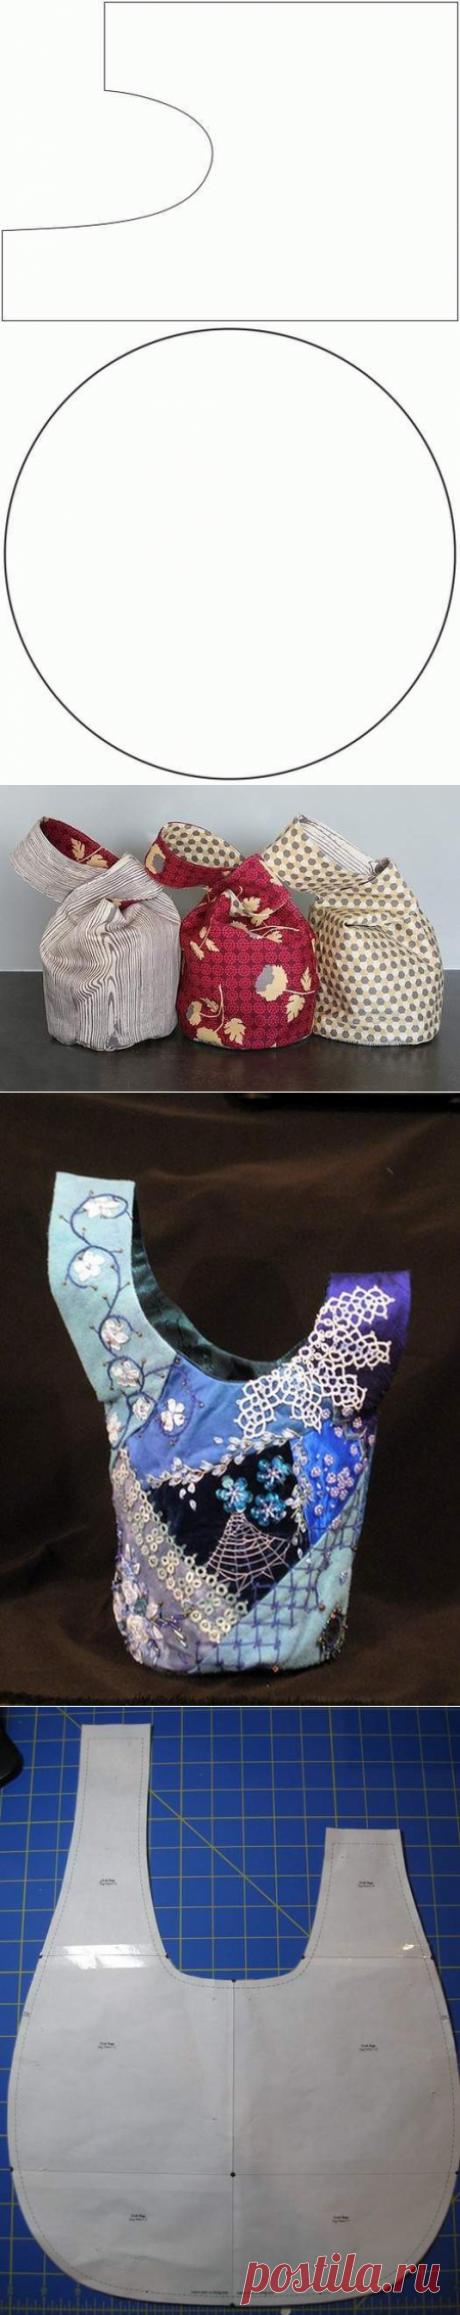 Японская сумочка омияге своими руками — Сделай сам, идеи для творчества - DIY Ideas